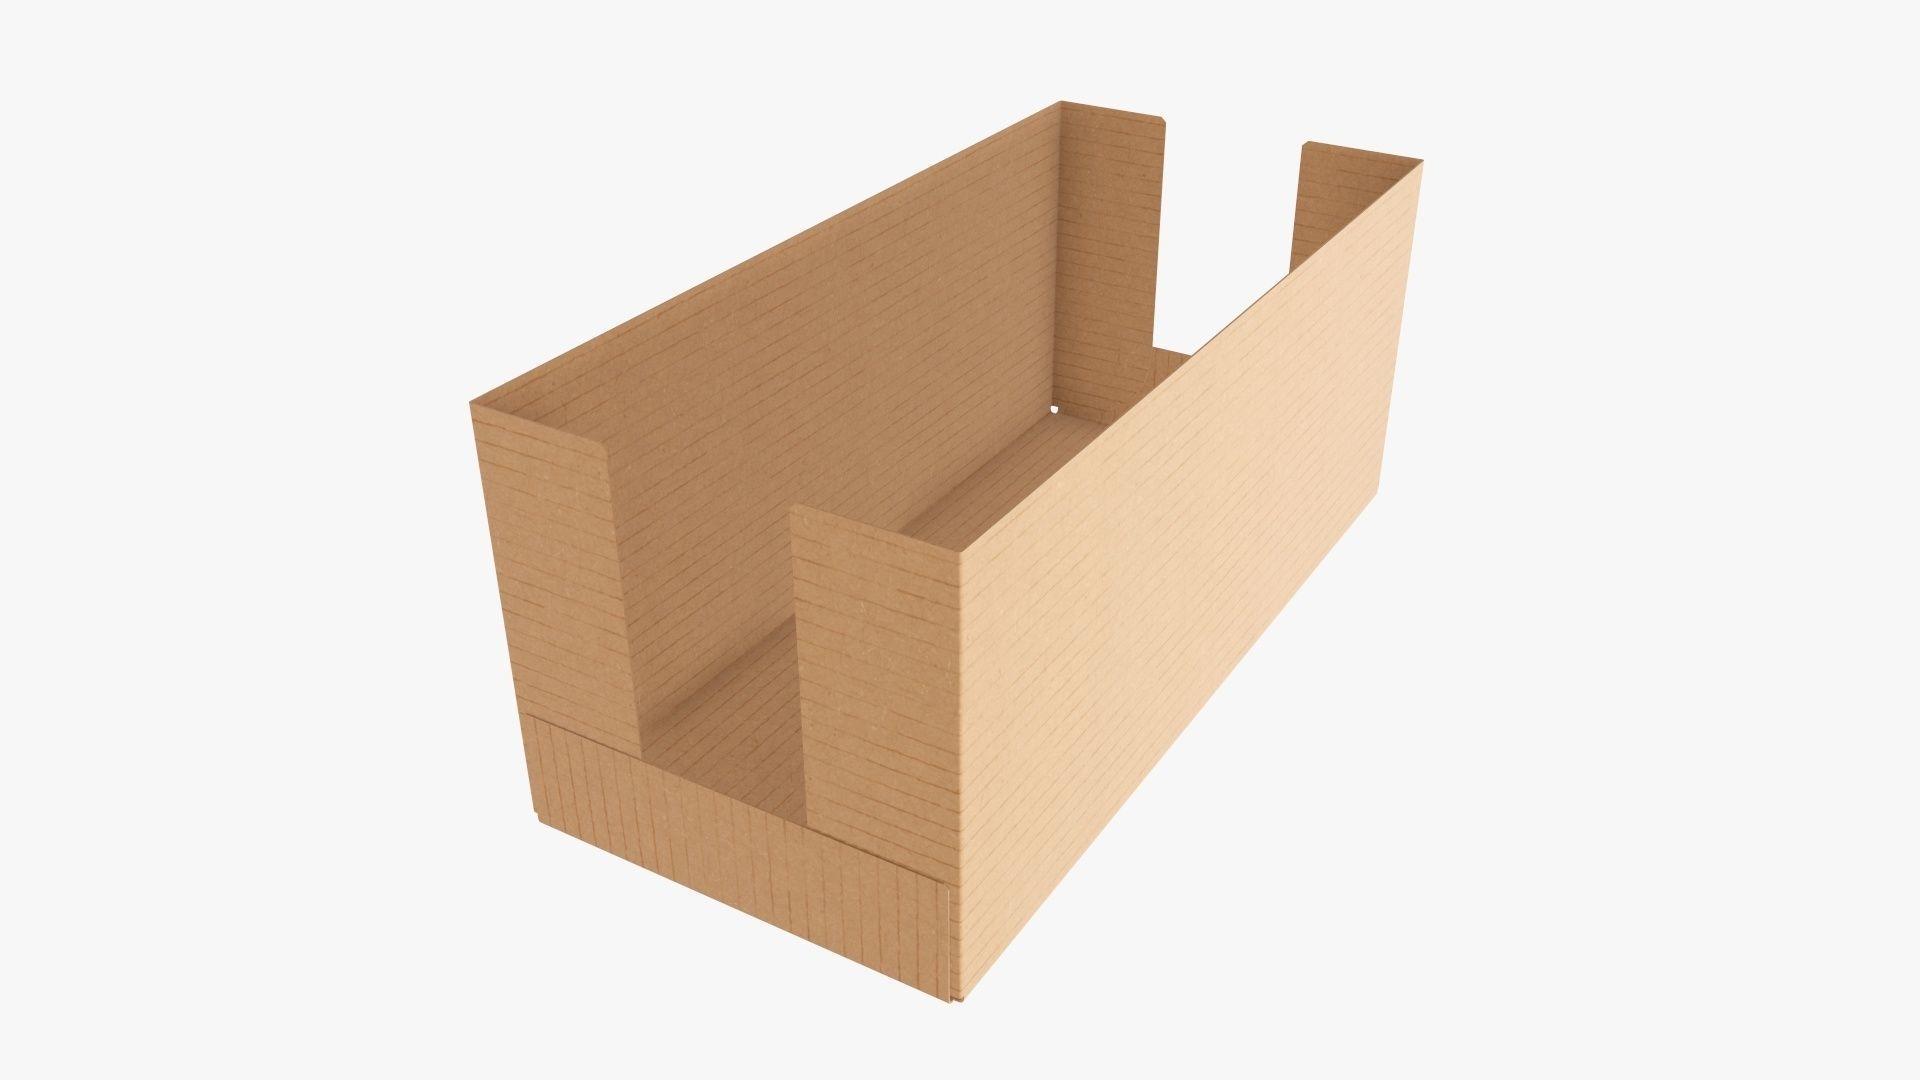 Tray cardboard box short shelf